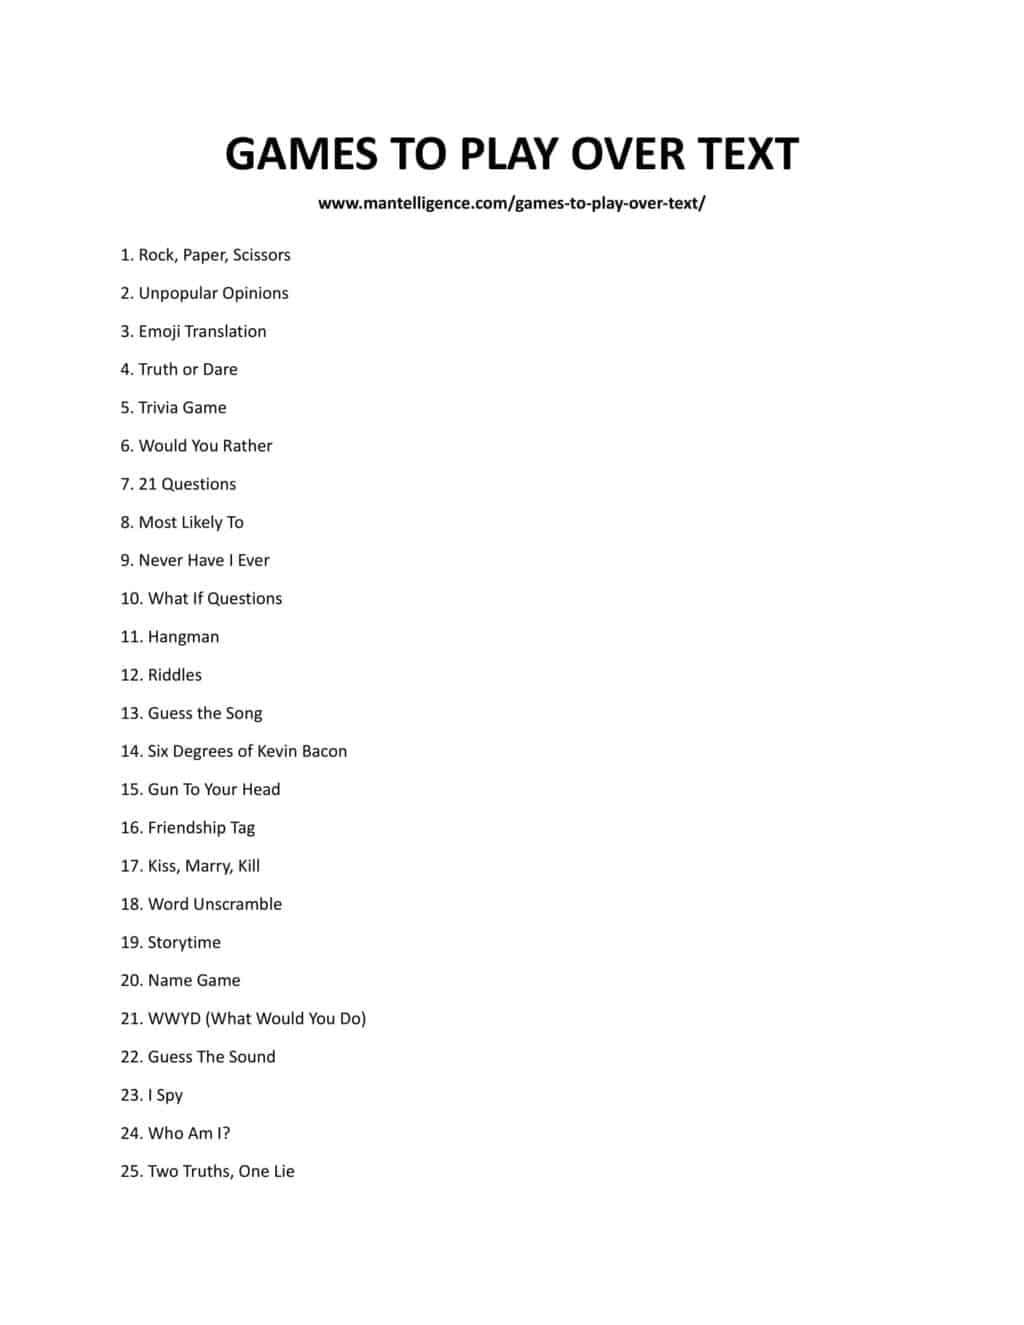 downloadable list